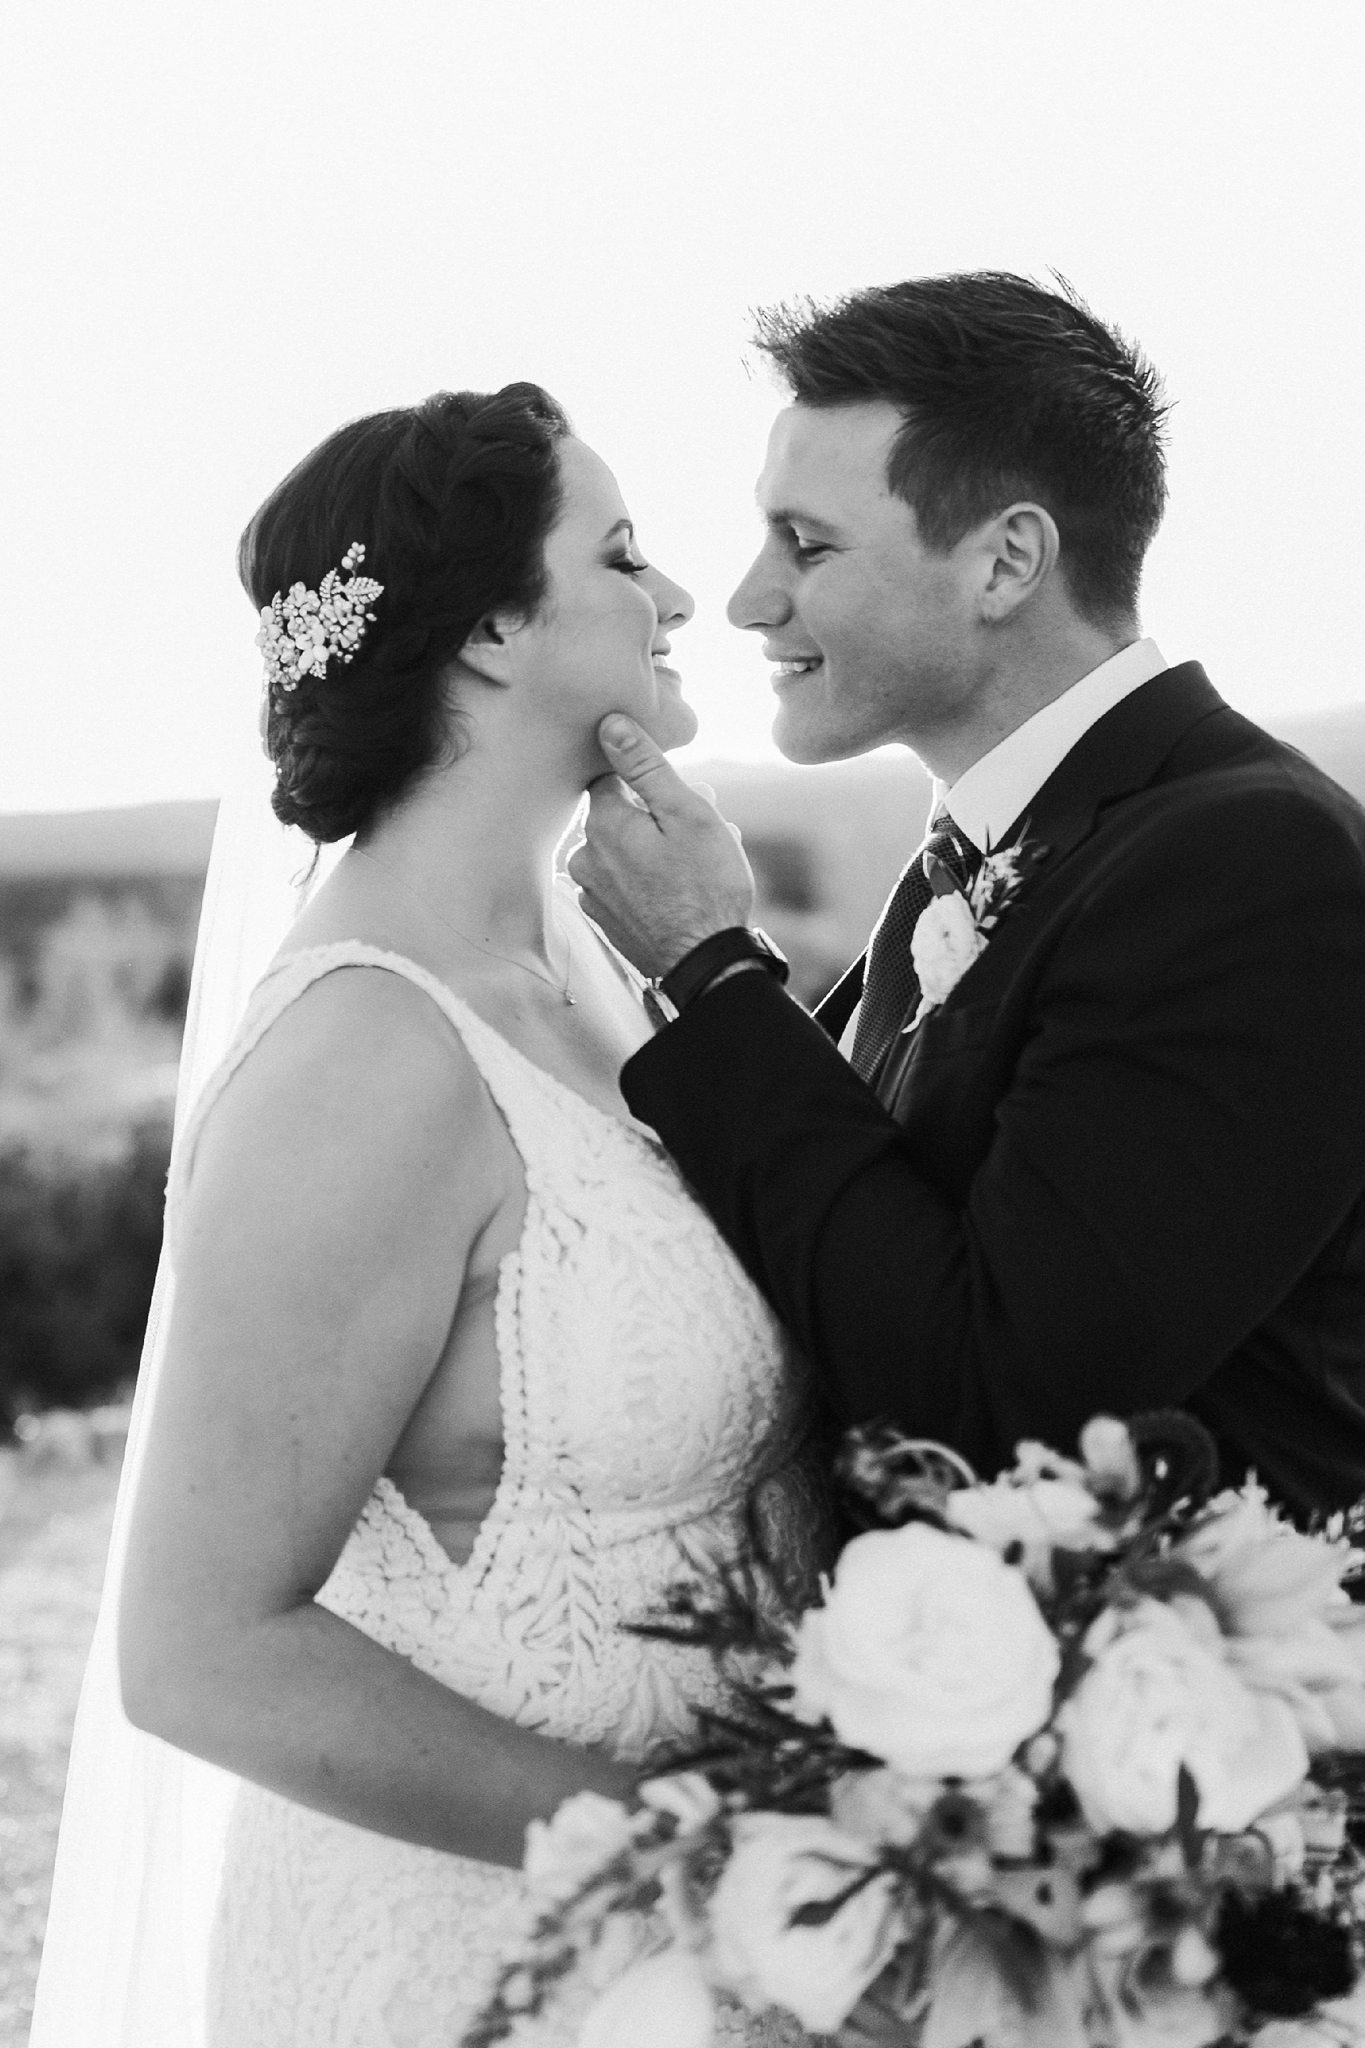 Alicia+lucia+photography+-+albuquerque+wedding+photographer+-+santa+fe+wedding+photography+-+new+mexico+wedding+photographer+-+new+mexico+wedding+-+santa+fe+wedding+-+four+seasons+wedding+-+winter+wedding_0101.jpg